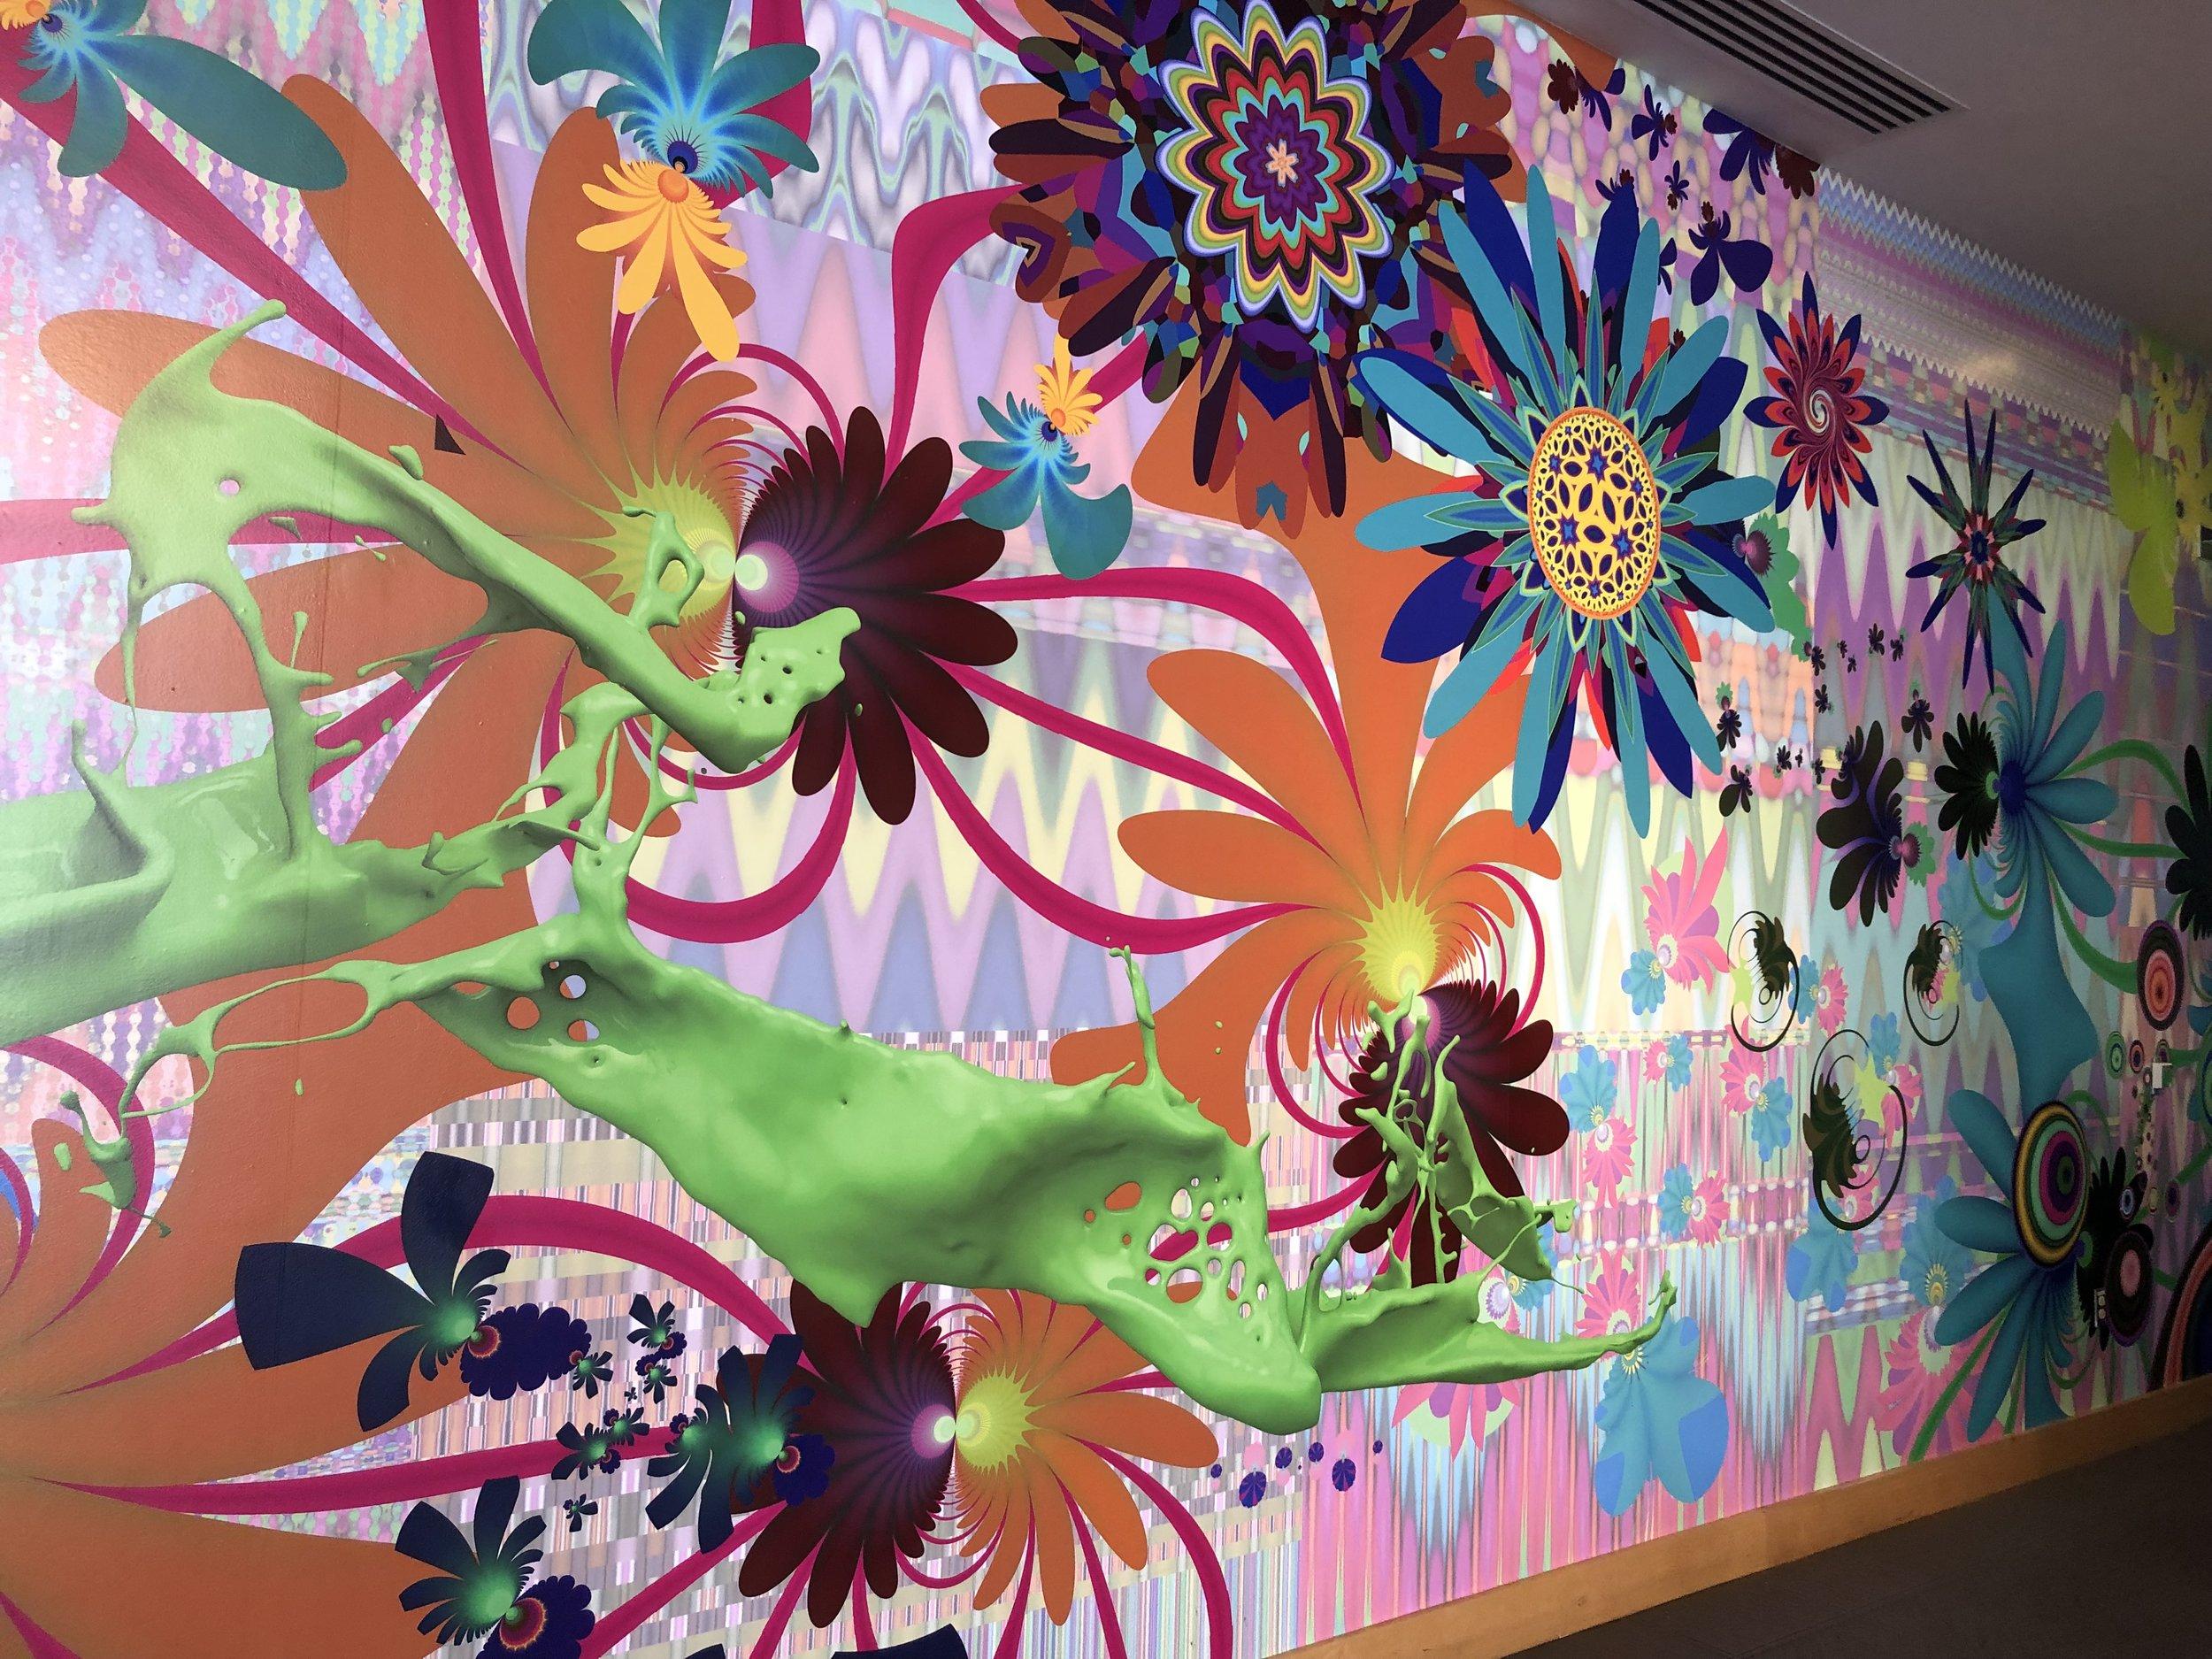 Boca raton museumof art - entry mural by Jose Alvarez (D.O.P.A.)